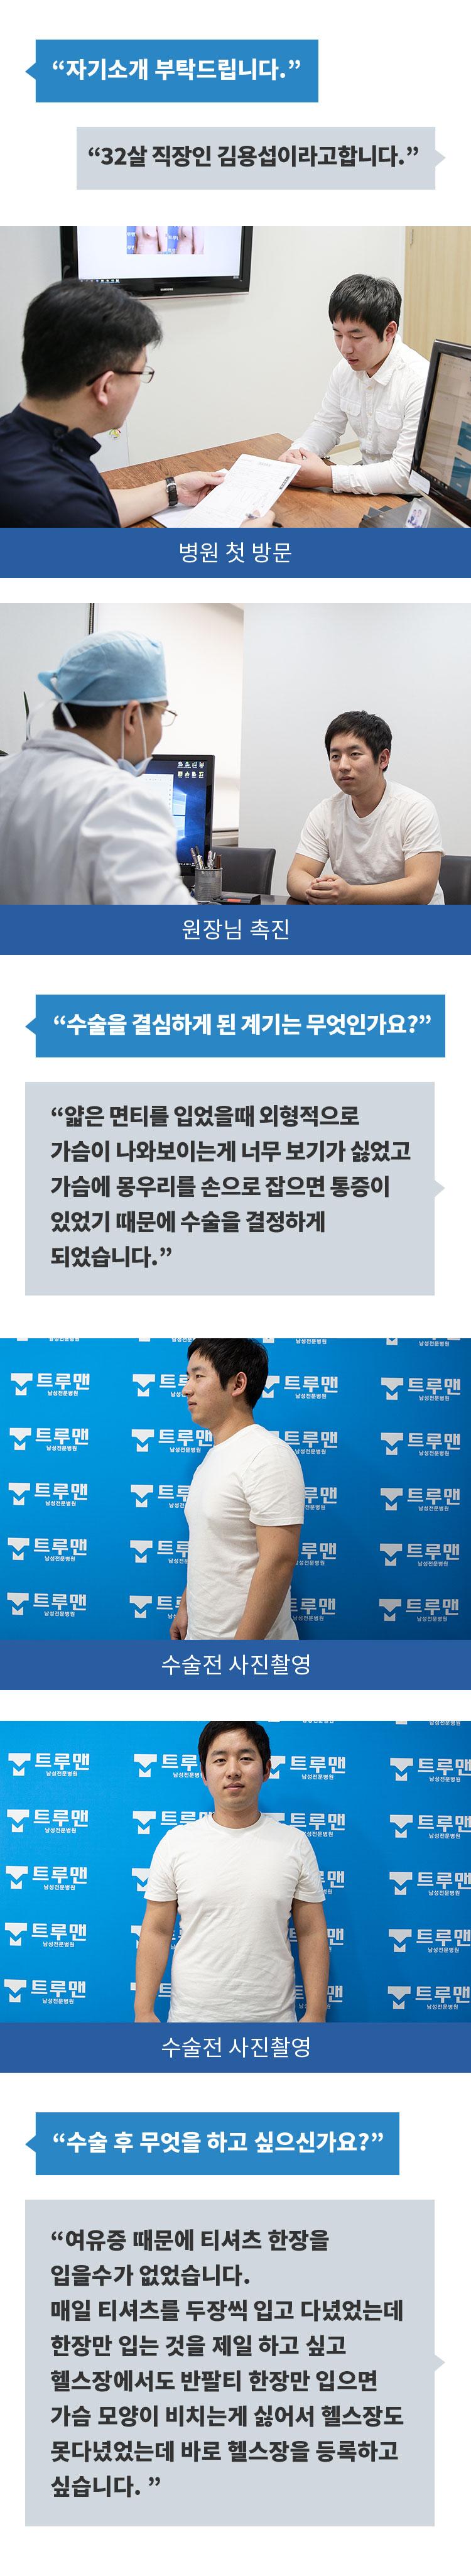 32살 직장인 김용섭입니다.